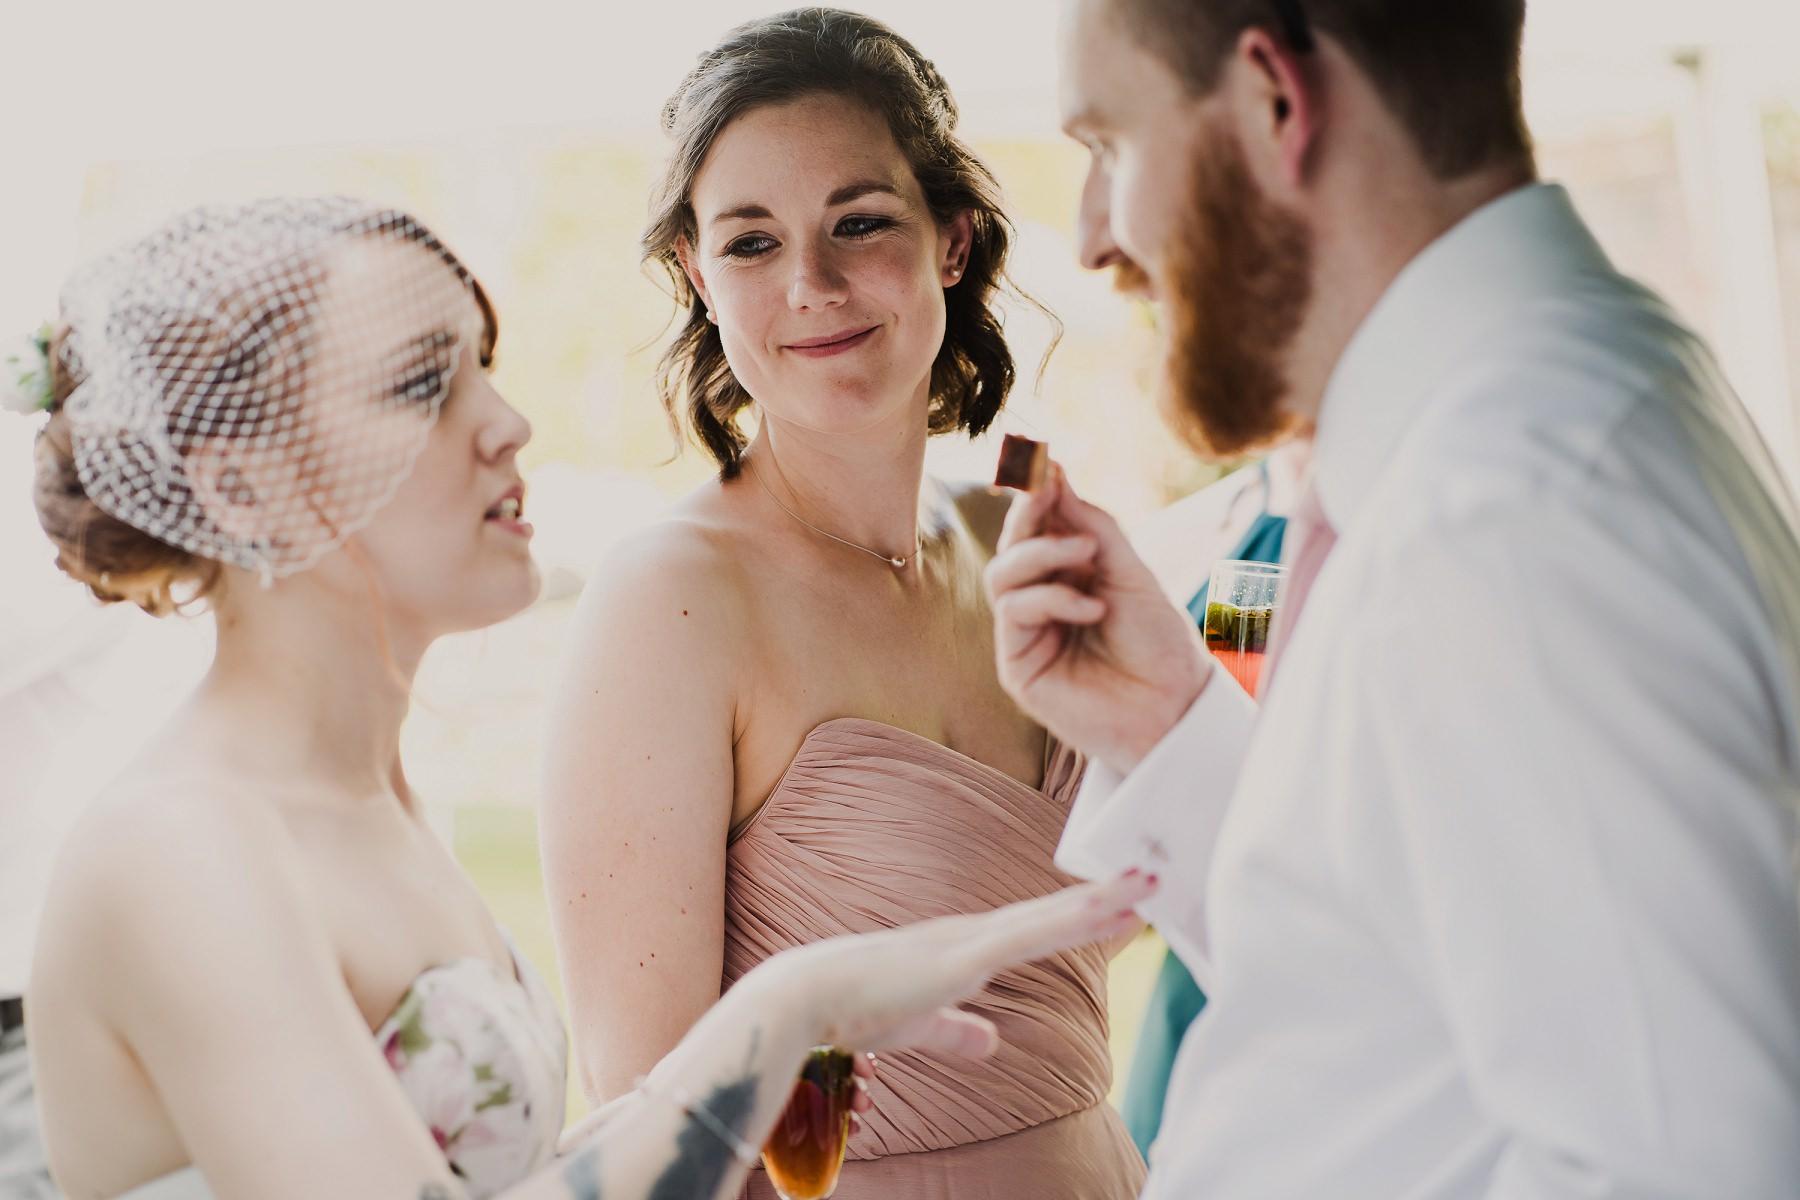 danny_alex_wedding_tease_0079.jpg